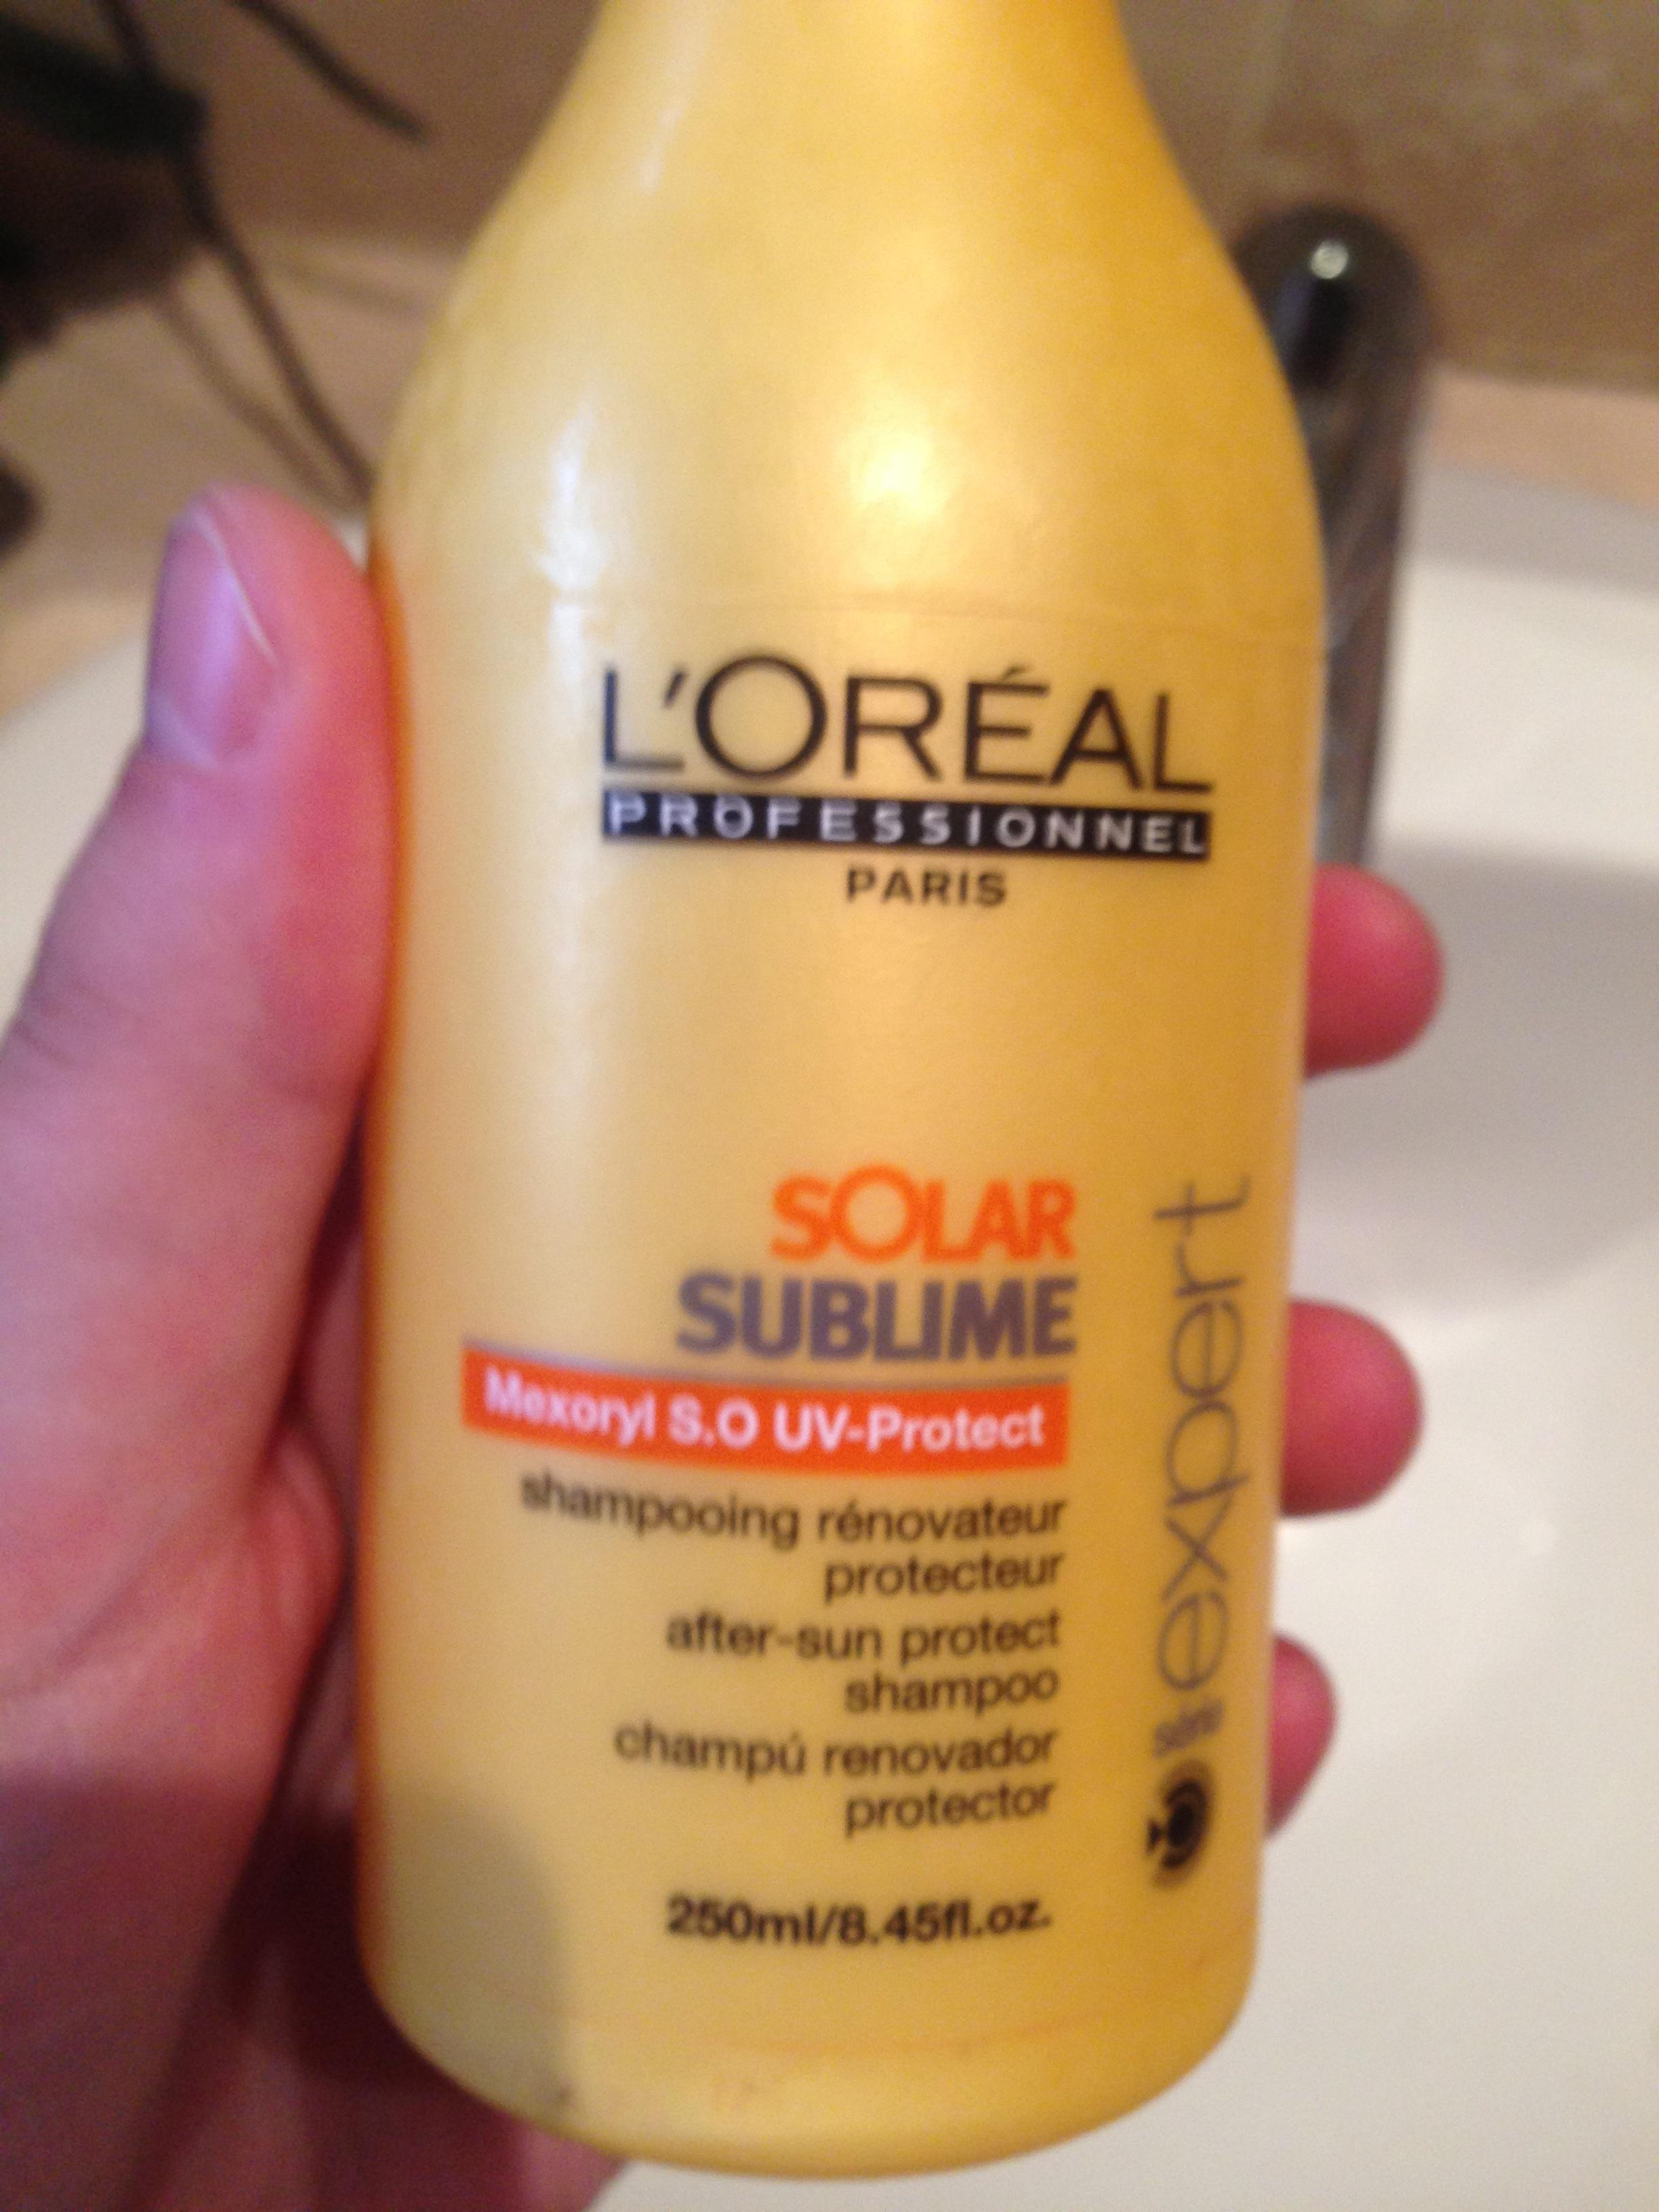 L'Oréal Professionnel Solar Sublime - Product - en